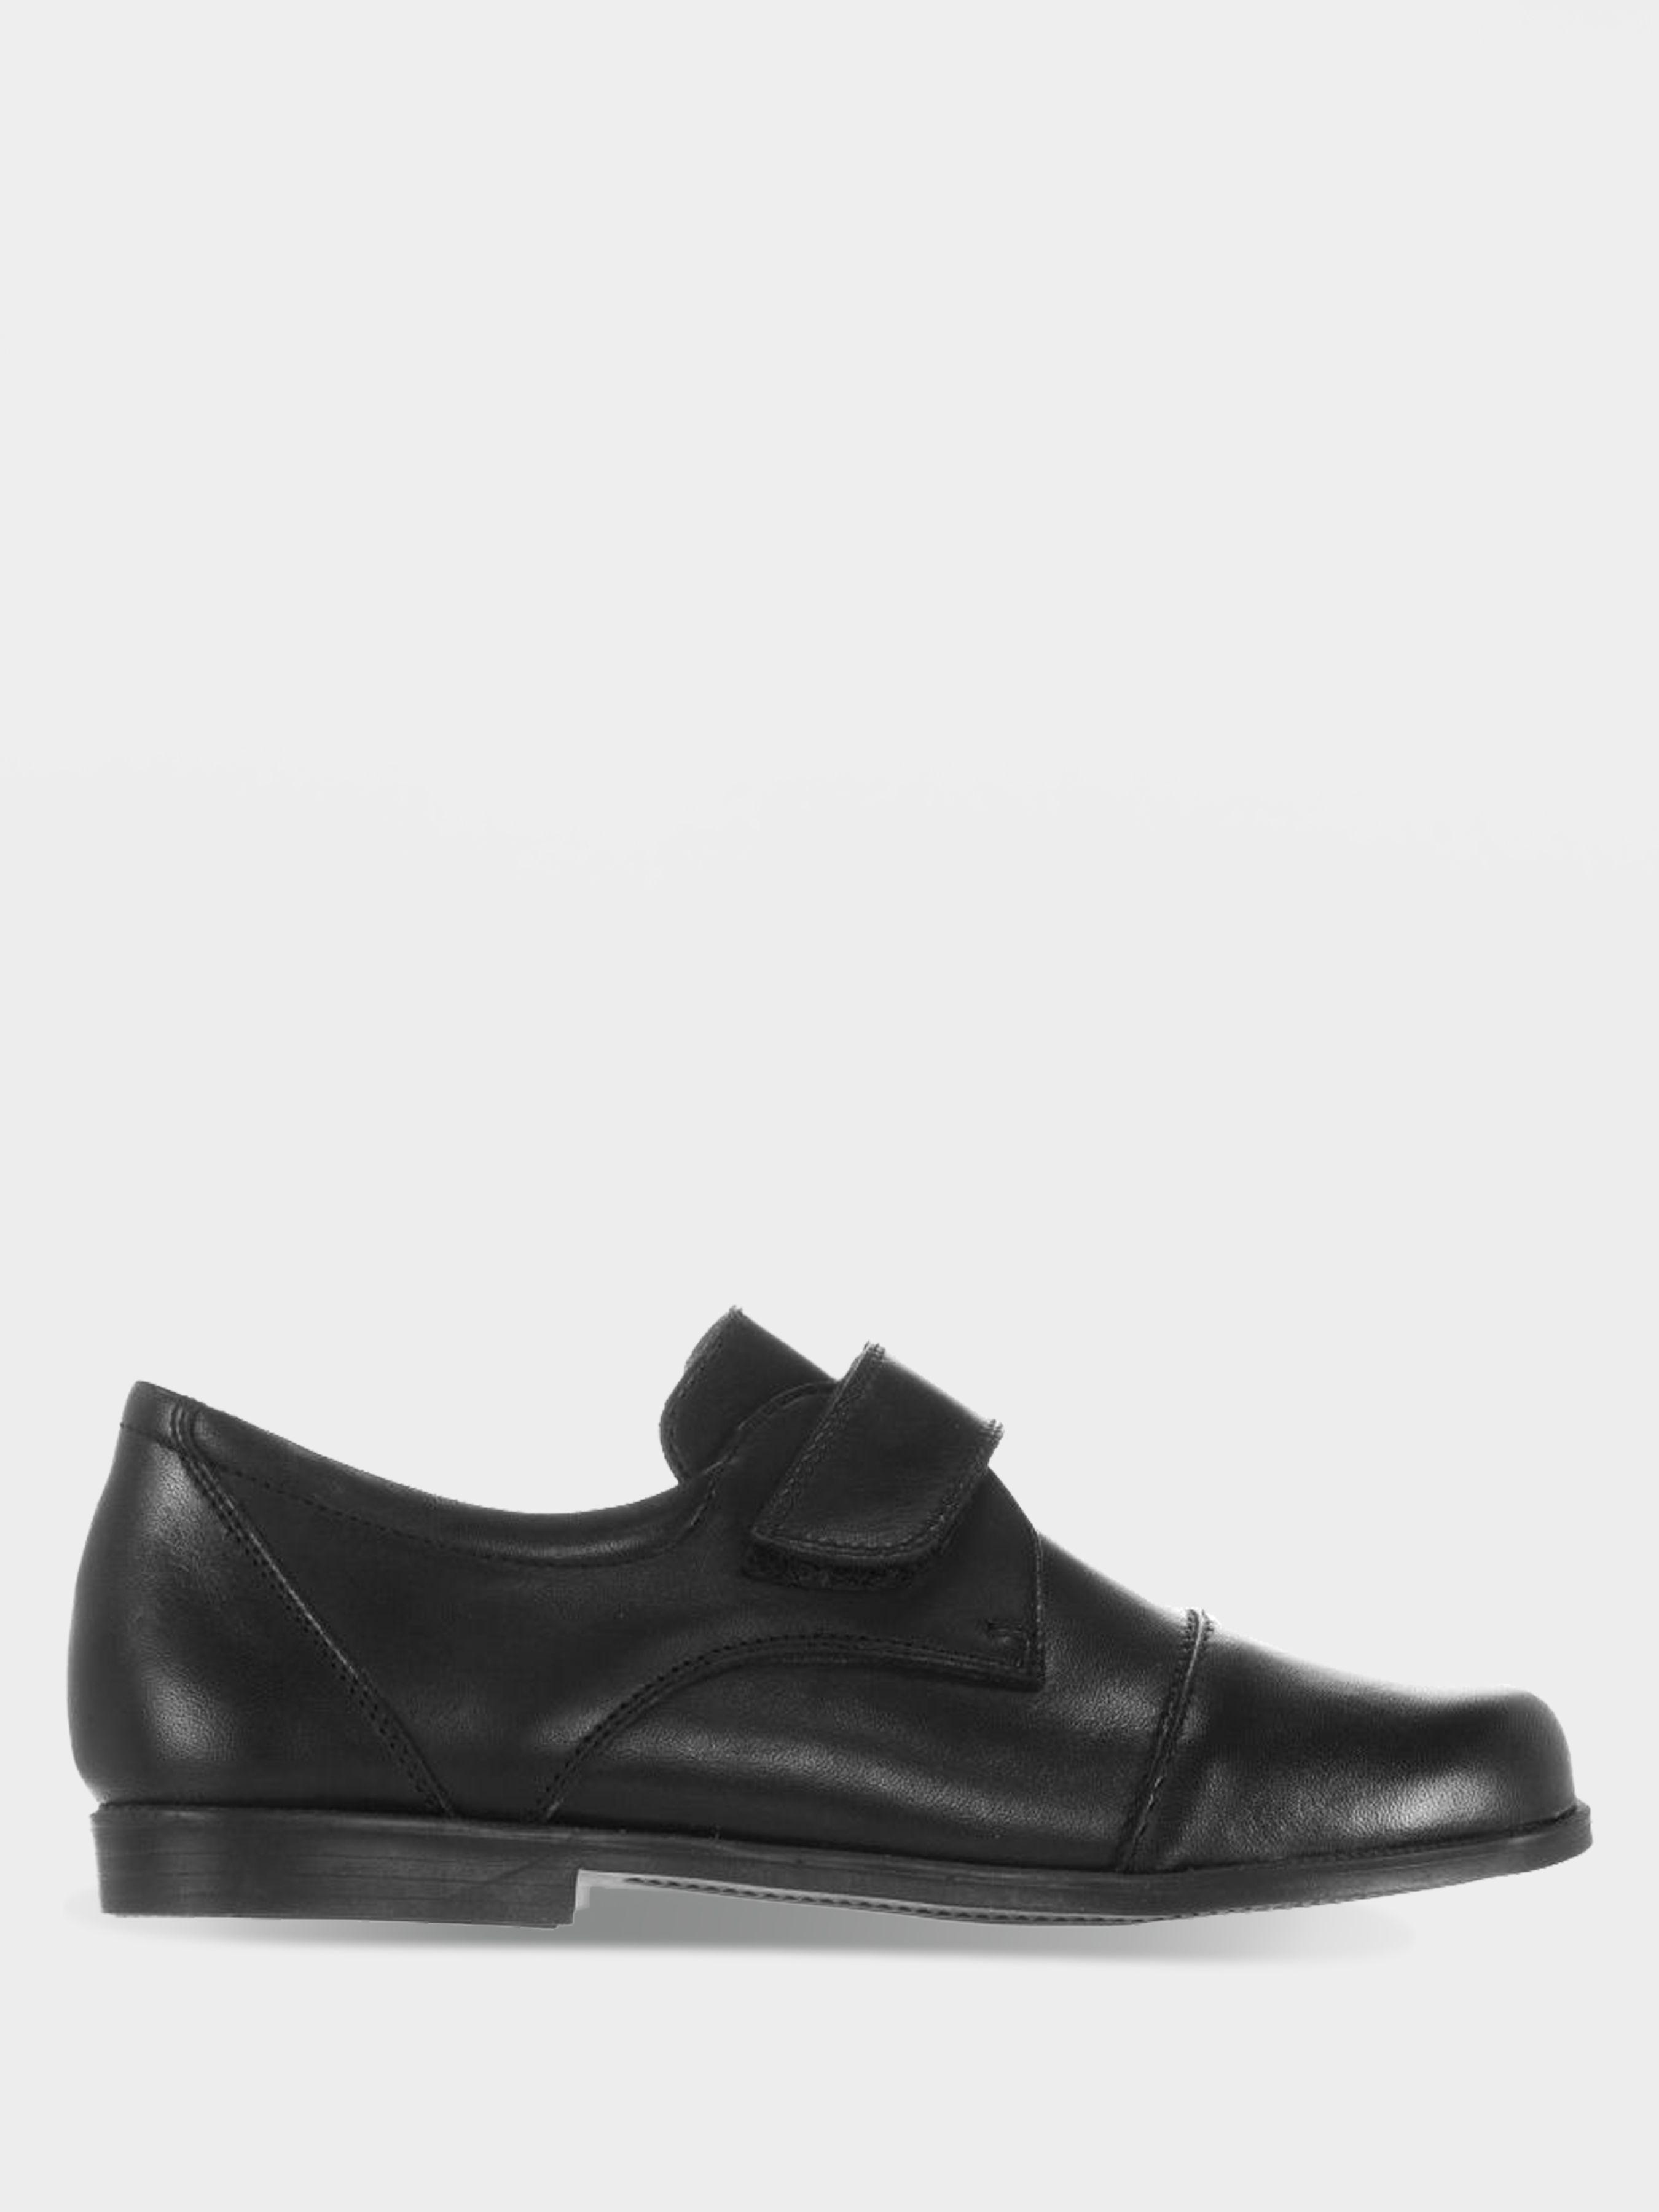 Купить Туфли детские Braska Кайрос AE142, Черный